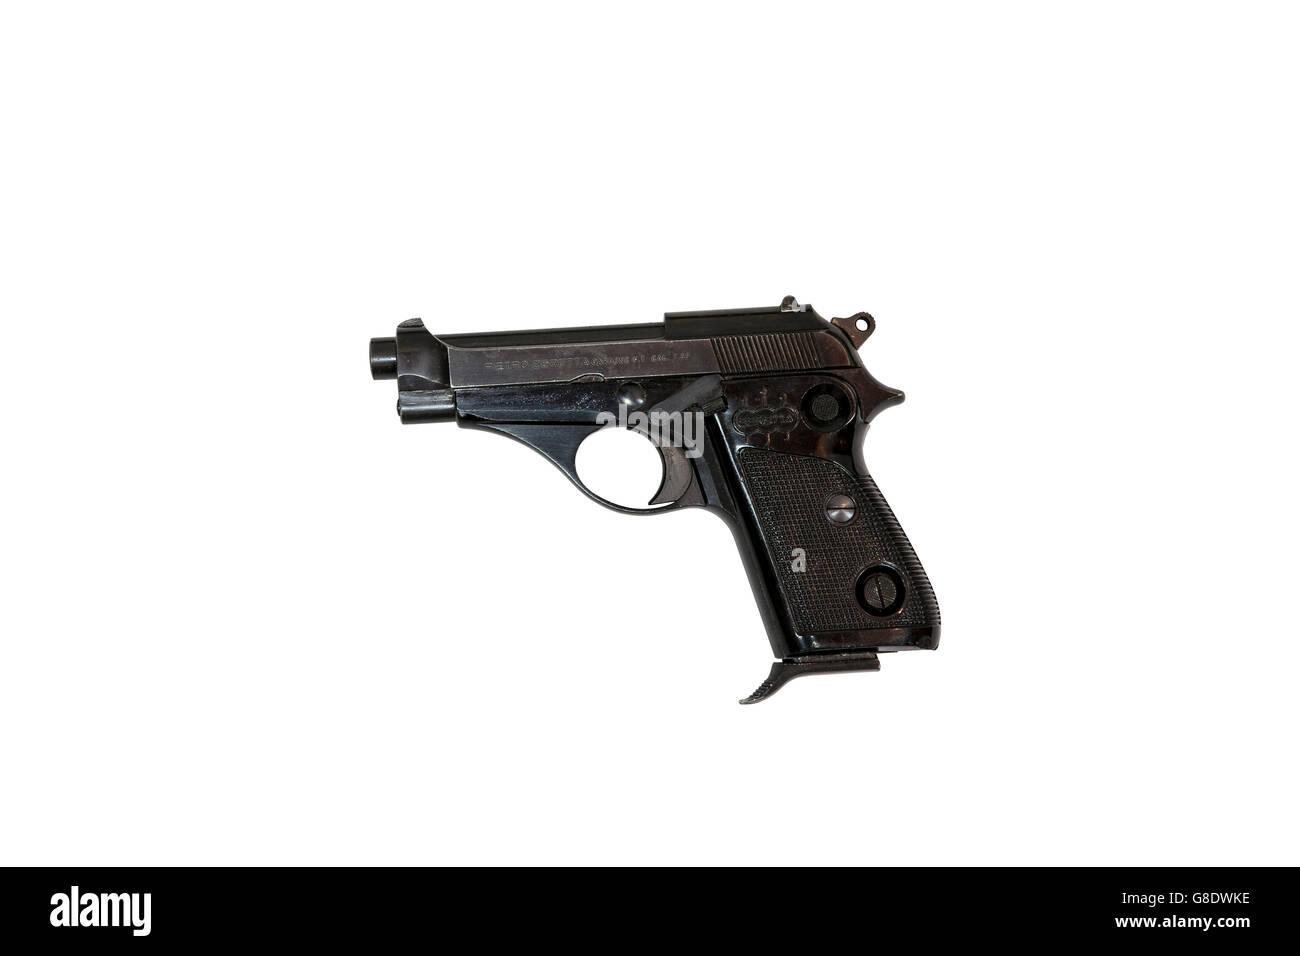 Beretta handgun cal. 7.65 pistol, cut out - Stock Image